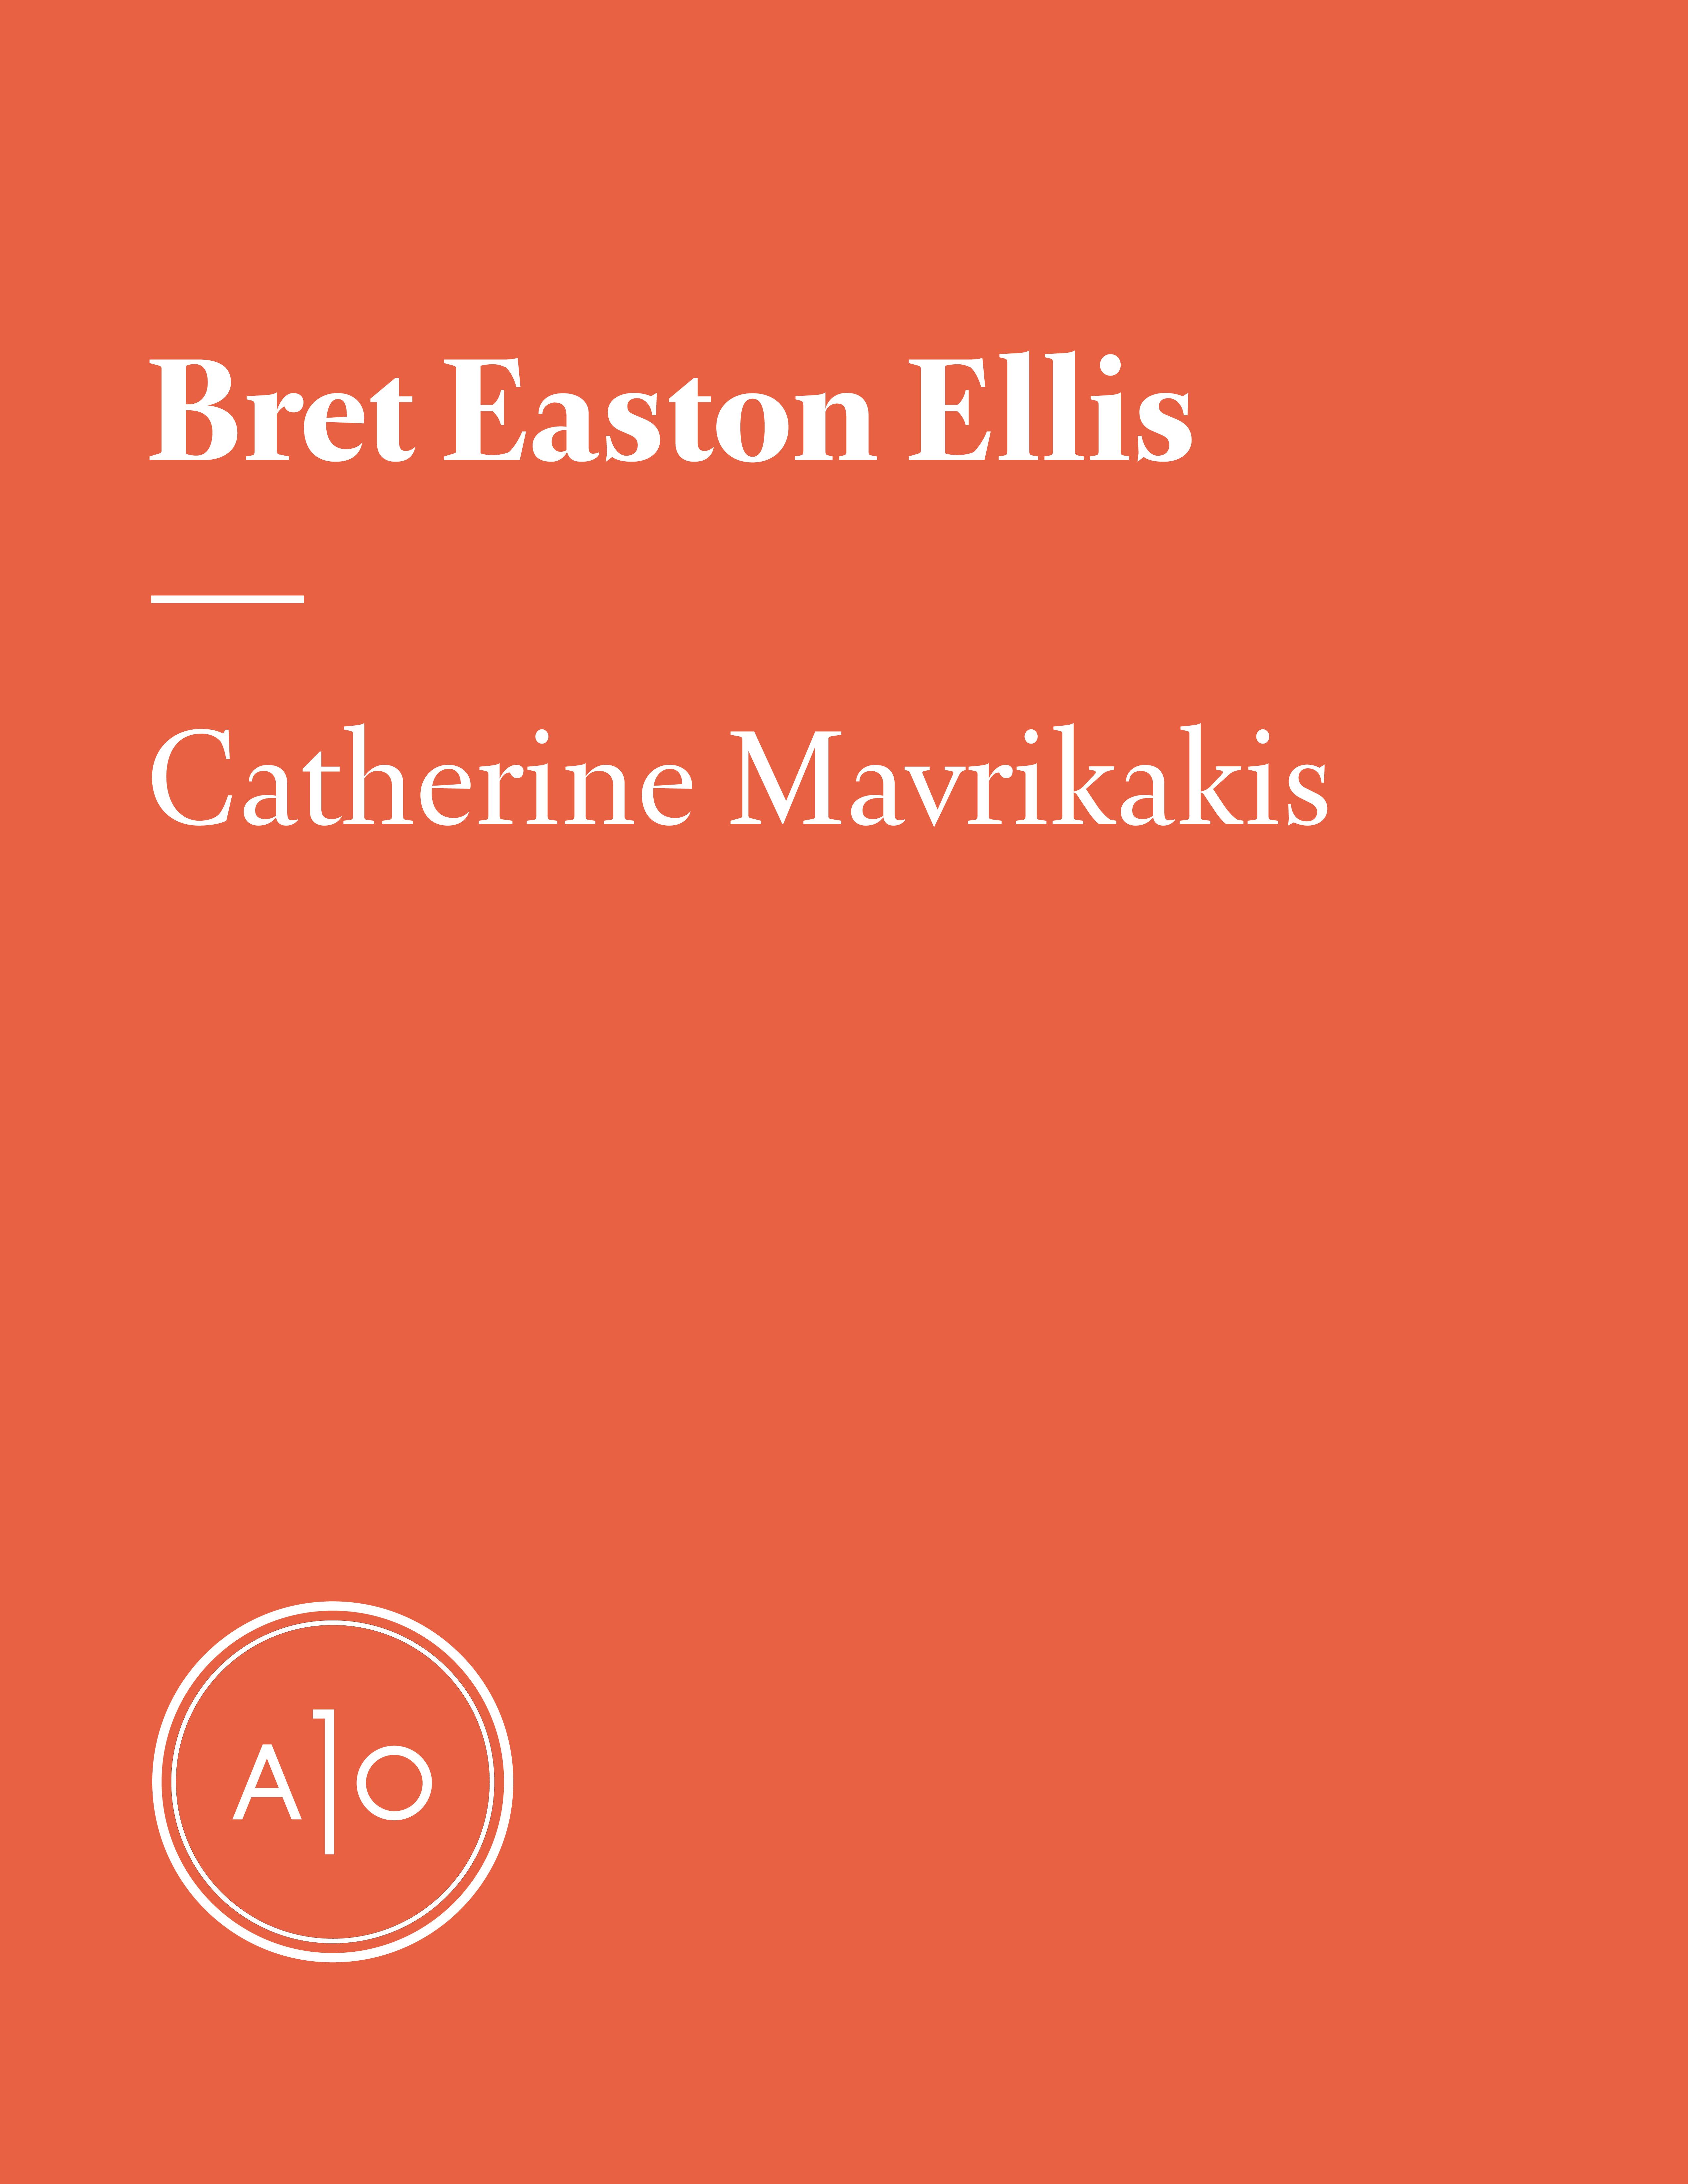 Couverture : Bret Easton Ellis: l'écrivain des générations Asperger Catherine Mavrikakis